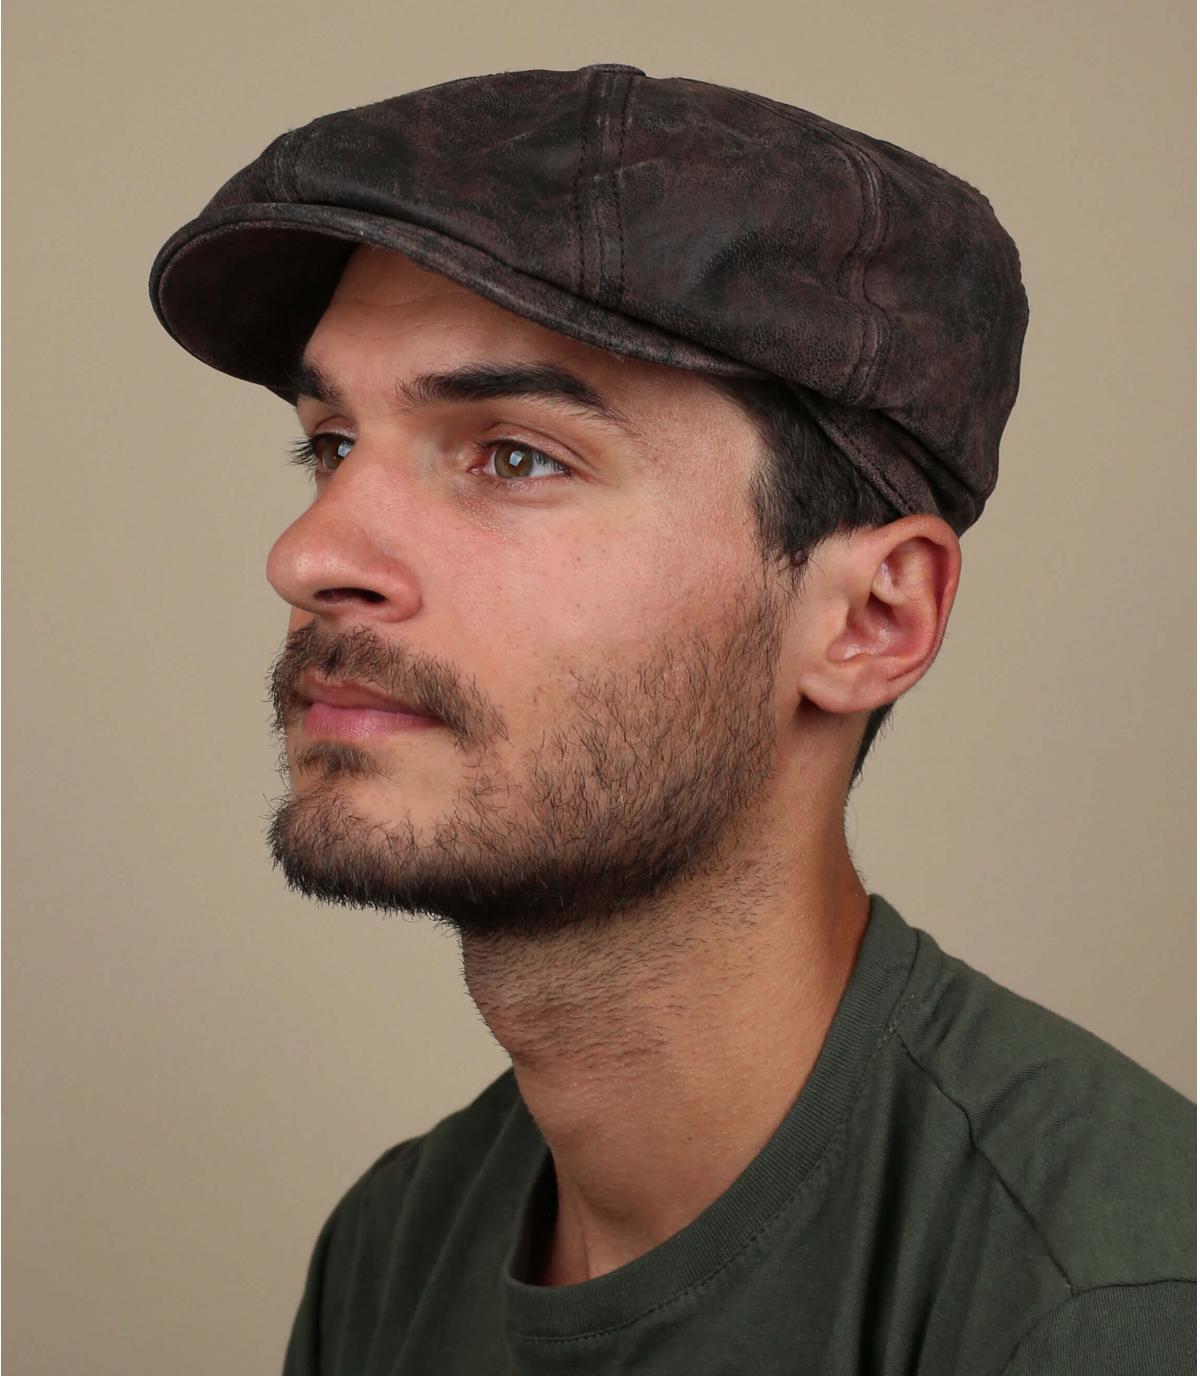 Cappellino pelle brun